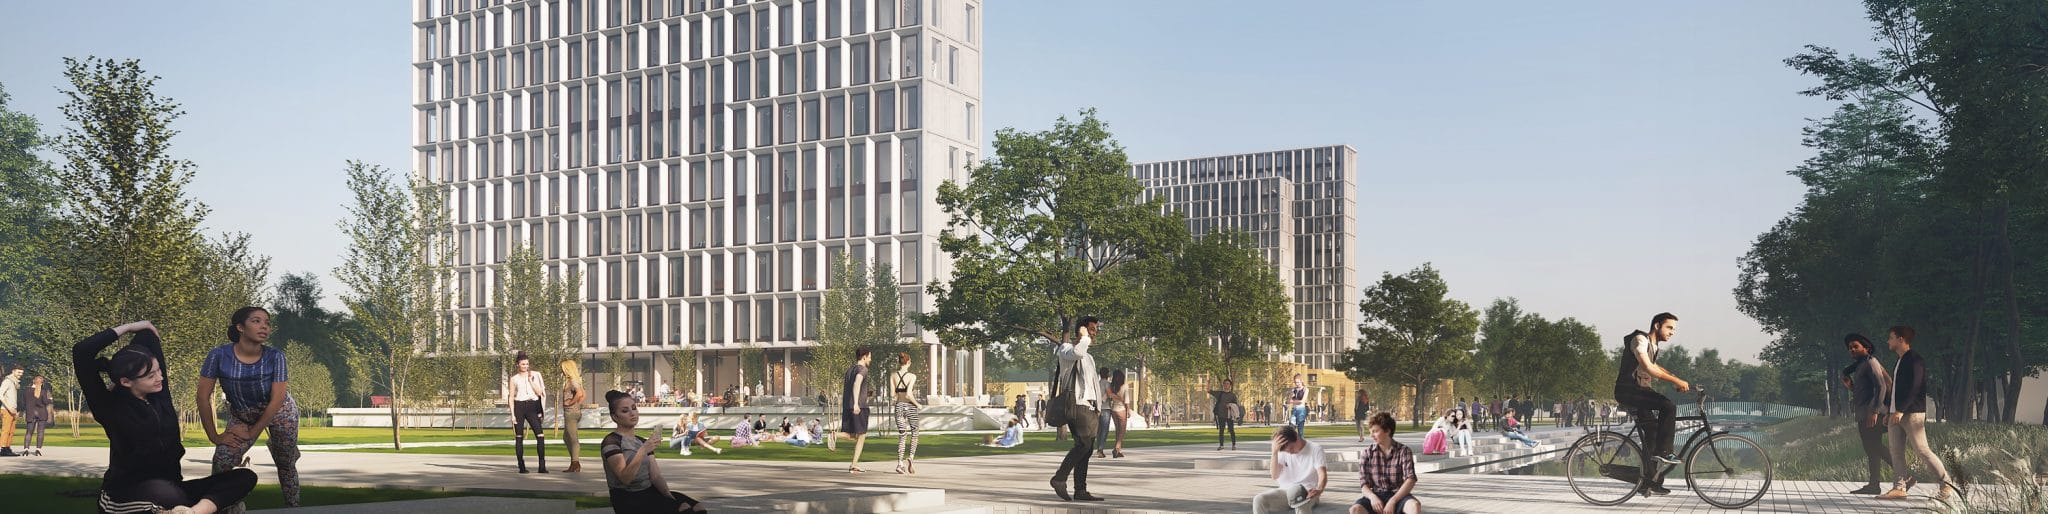 Heijmans bouwt 735 nieuwe studentenwoningen op campus TU/e